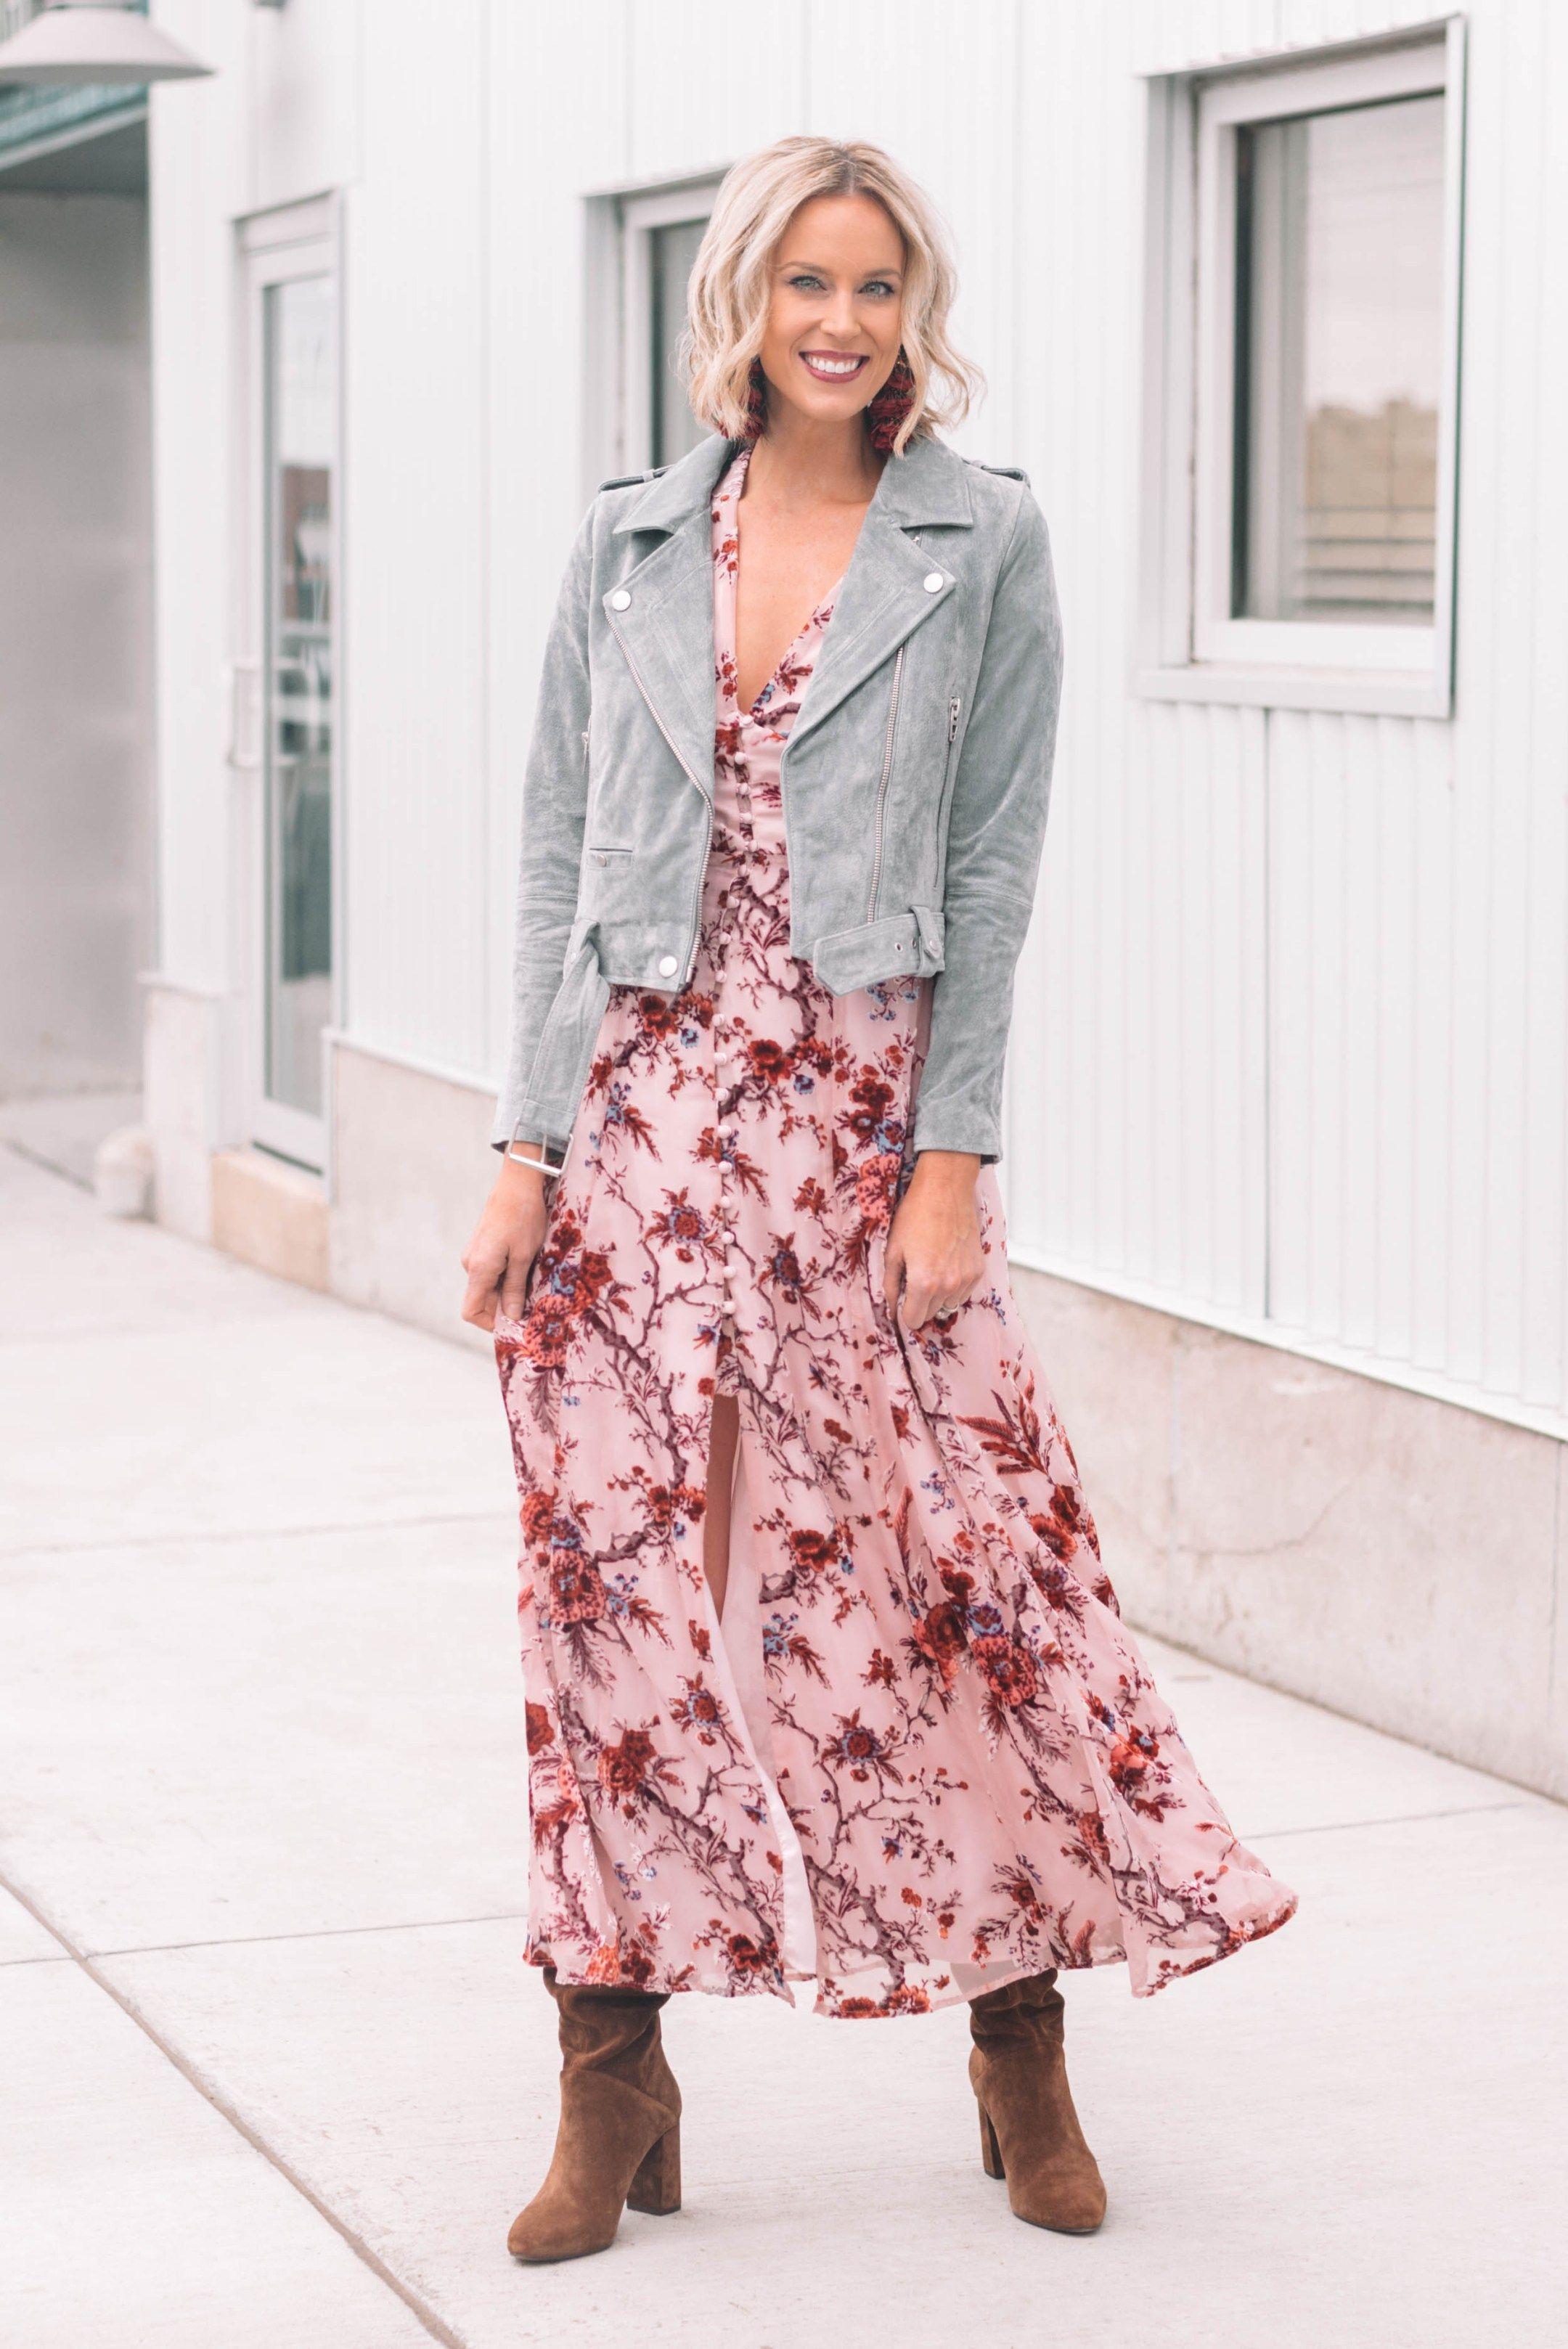 Pin On Fall Winter Fashion